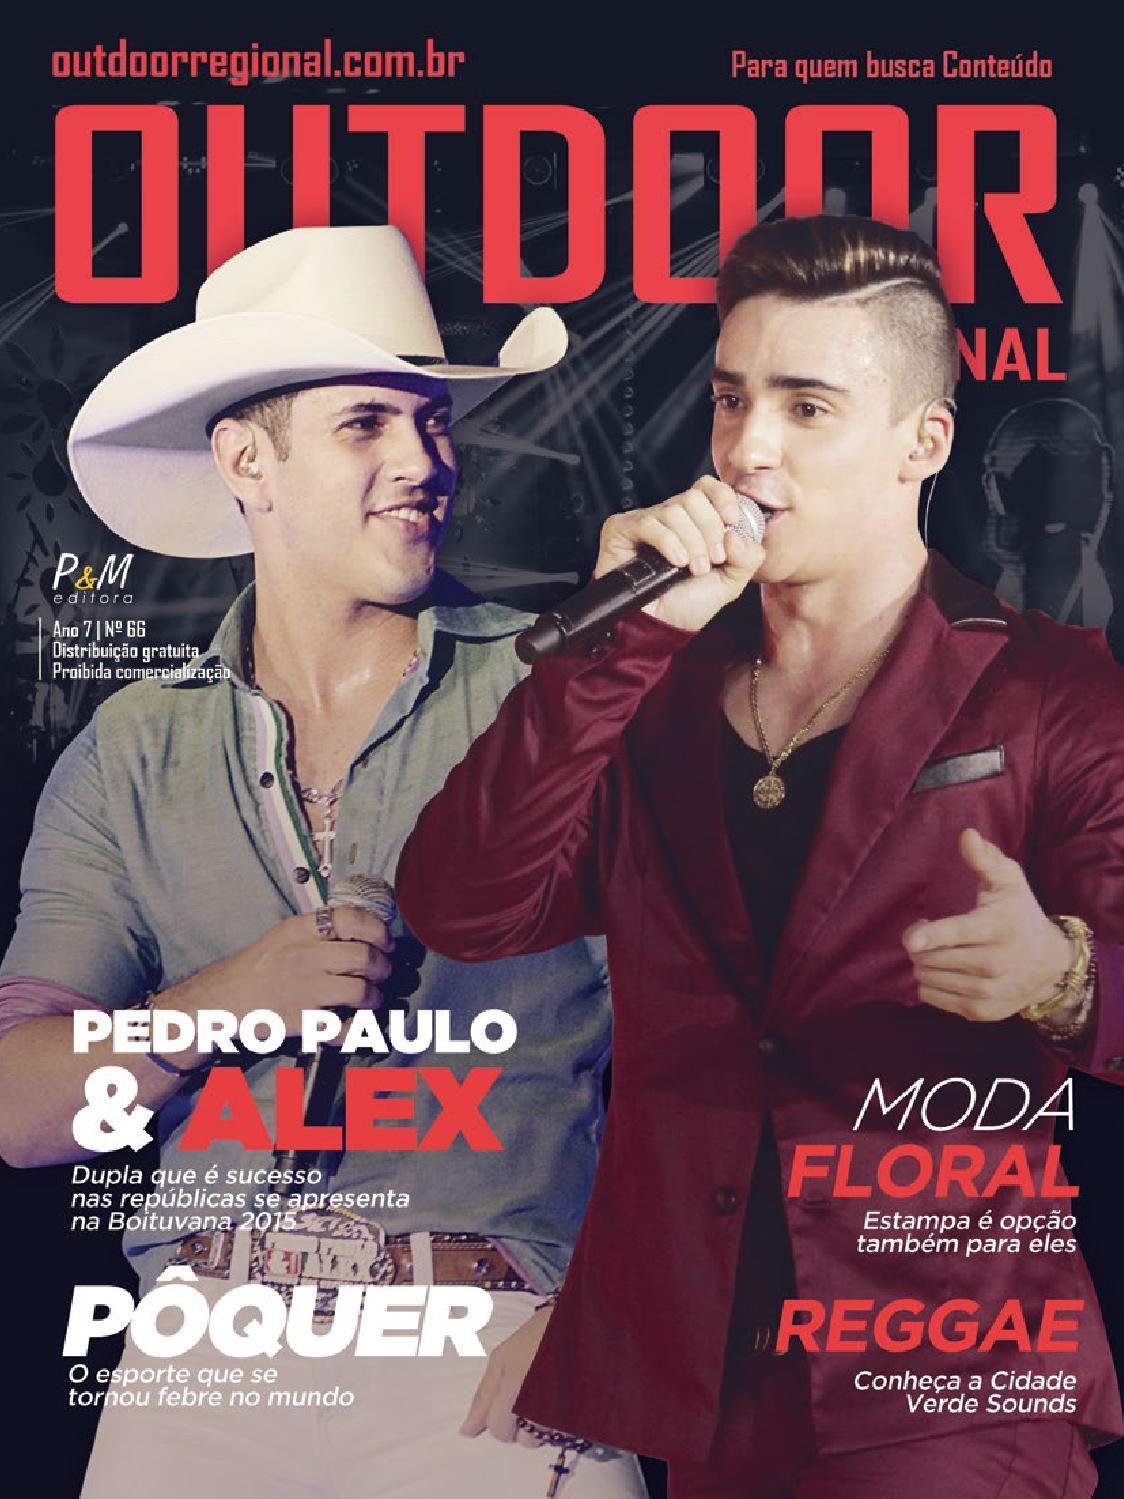 BAIXAR LEO PALCO GUERREIRO VICTOR E MP3